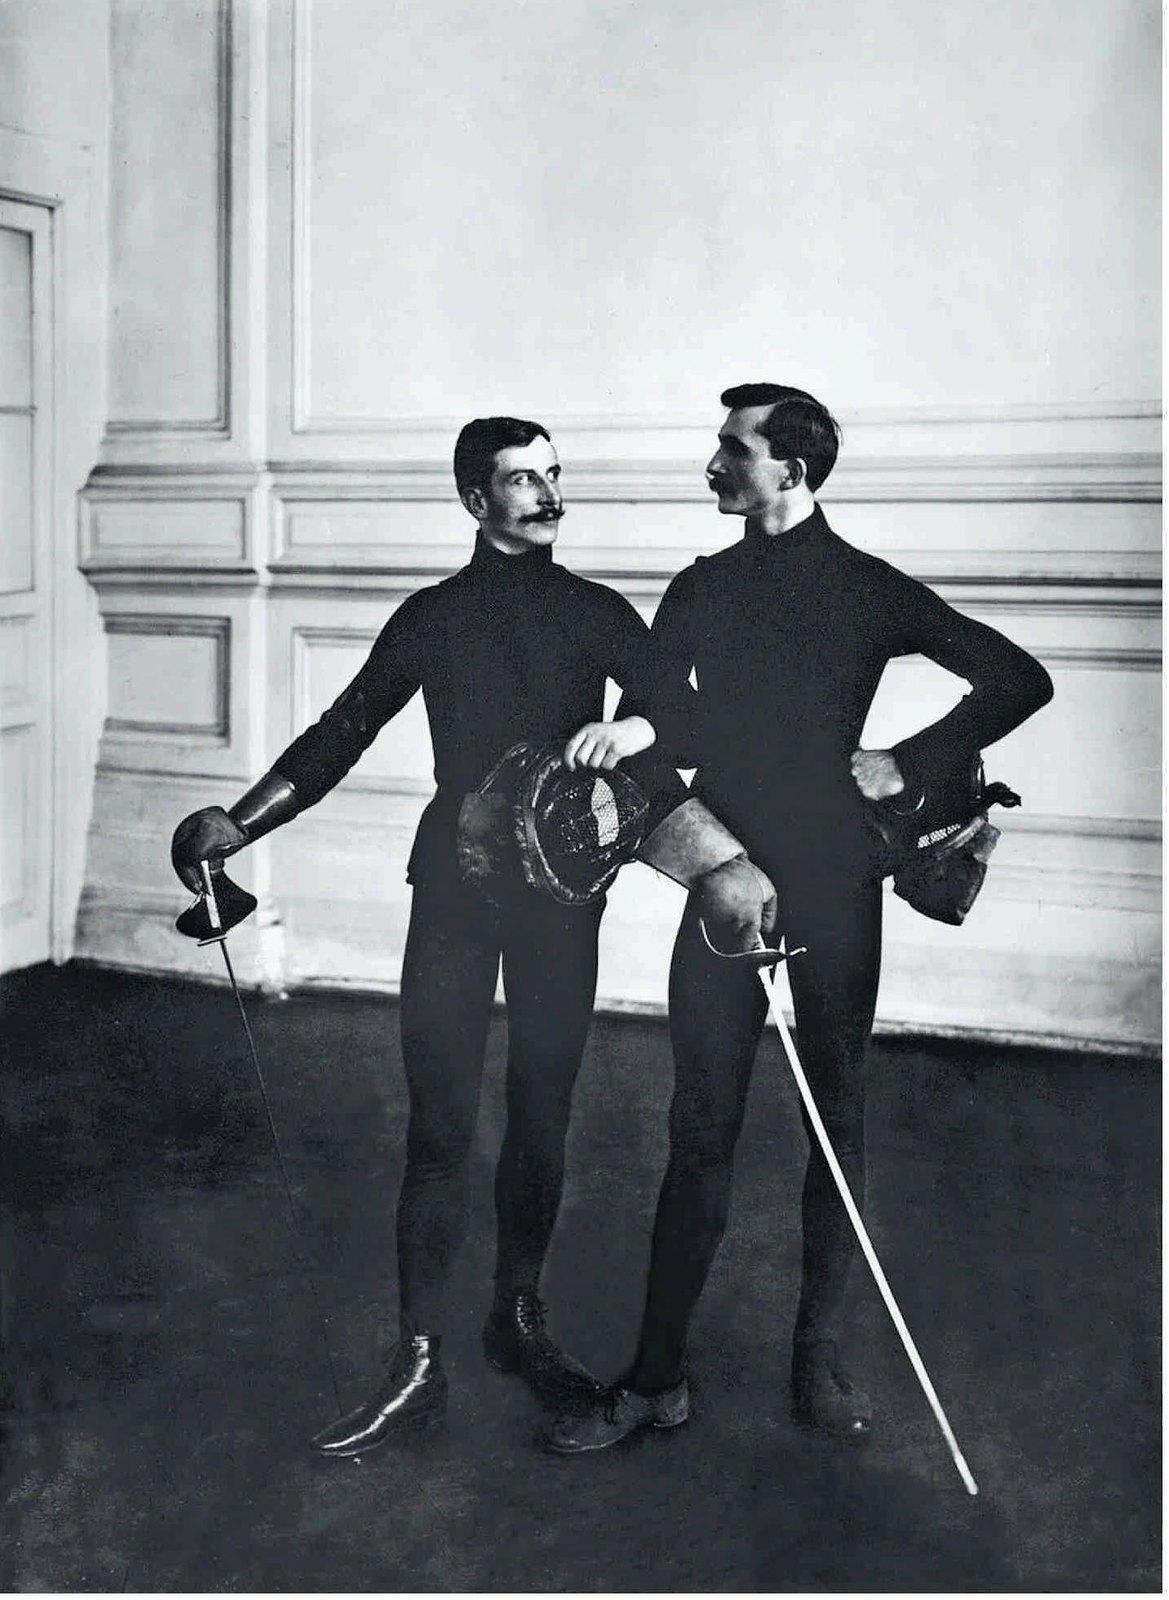 1907. Гимнастическое общество «Польский сокол». Фехтовальщики